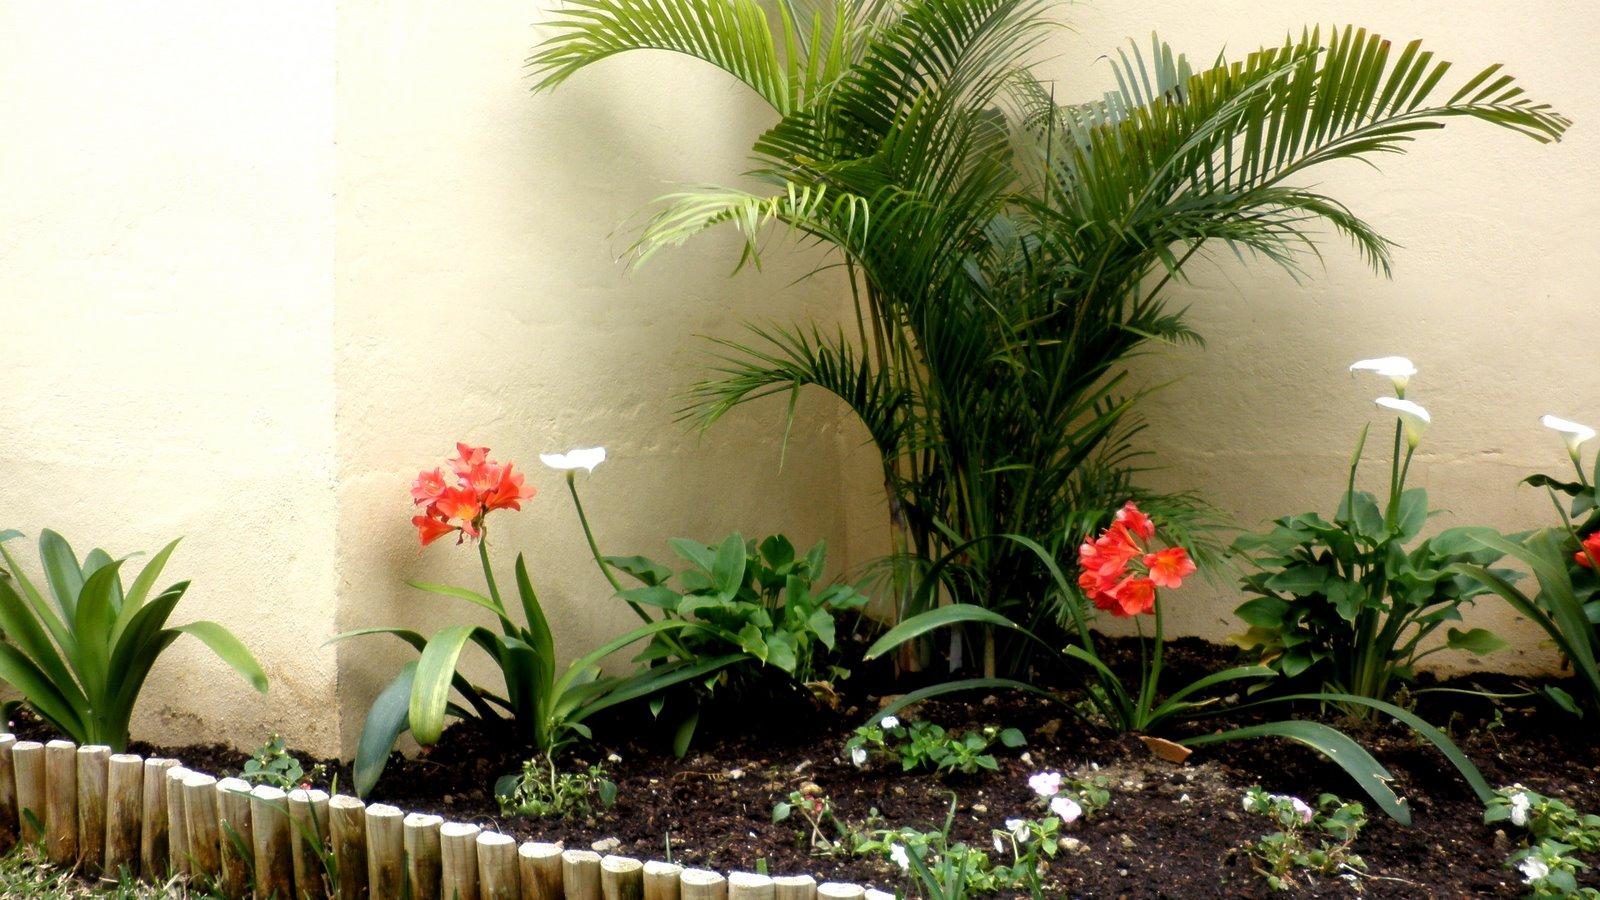 El reino plantae febrero 2014 for Plantas en jardines pequenos